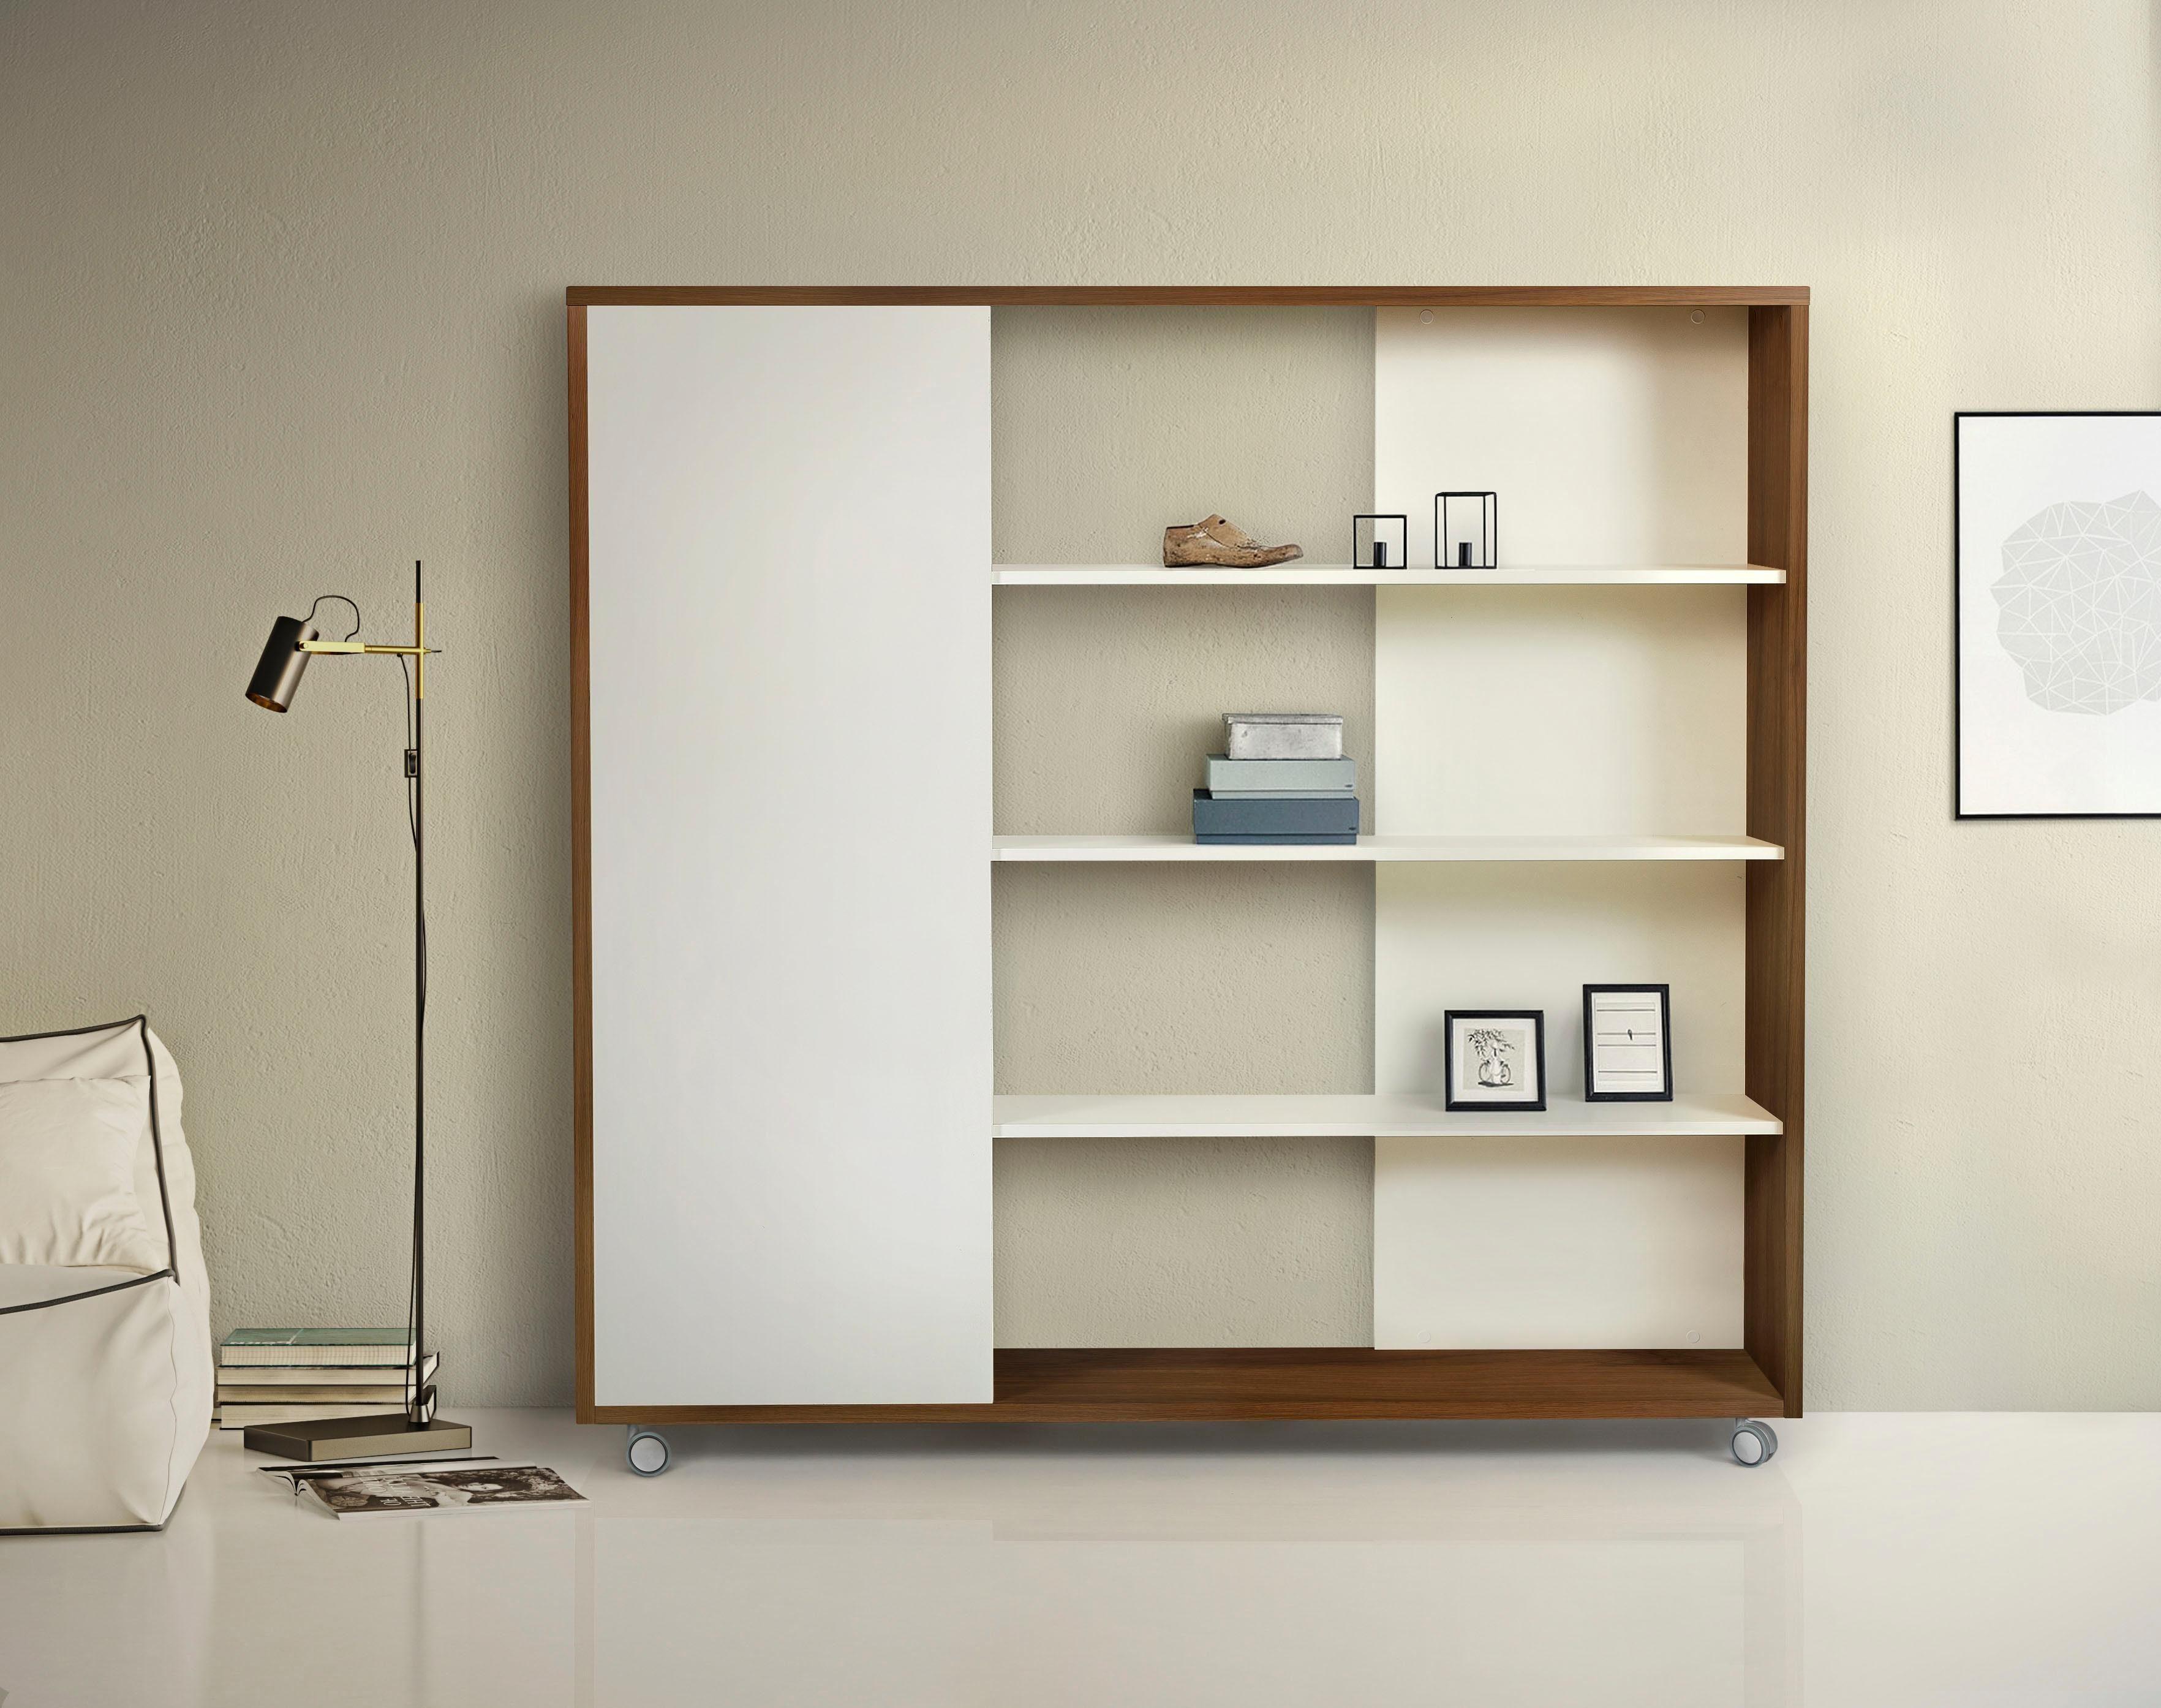 Liebenswert Raumteiler Regal Galerie Von Woodman Raumteiler/ »adala« In 2 Verschiedene Farbvarianten